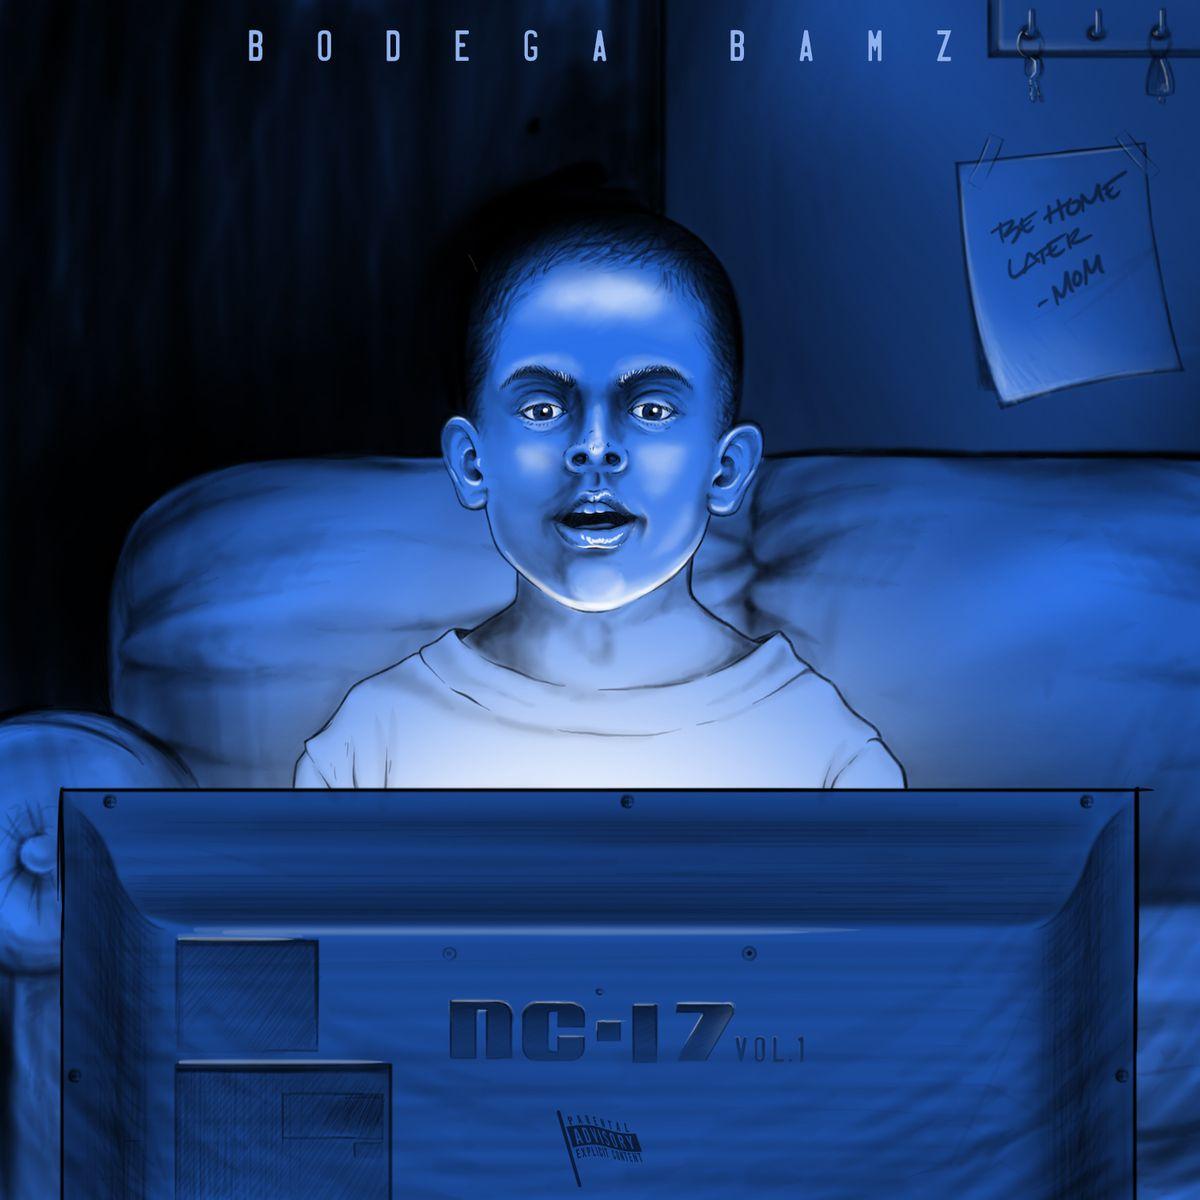 """New Music: Bodega Bamz – """"NC-17"""" [EP]"""